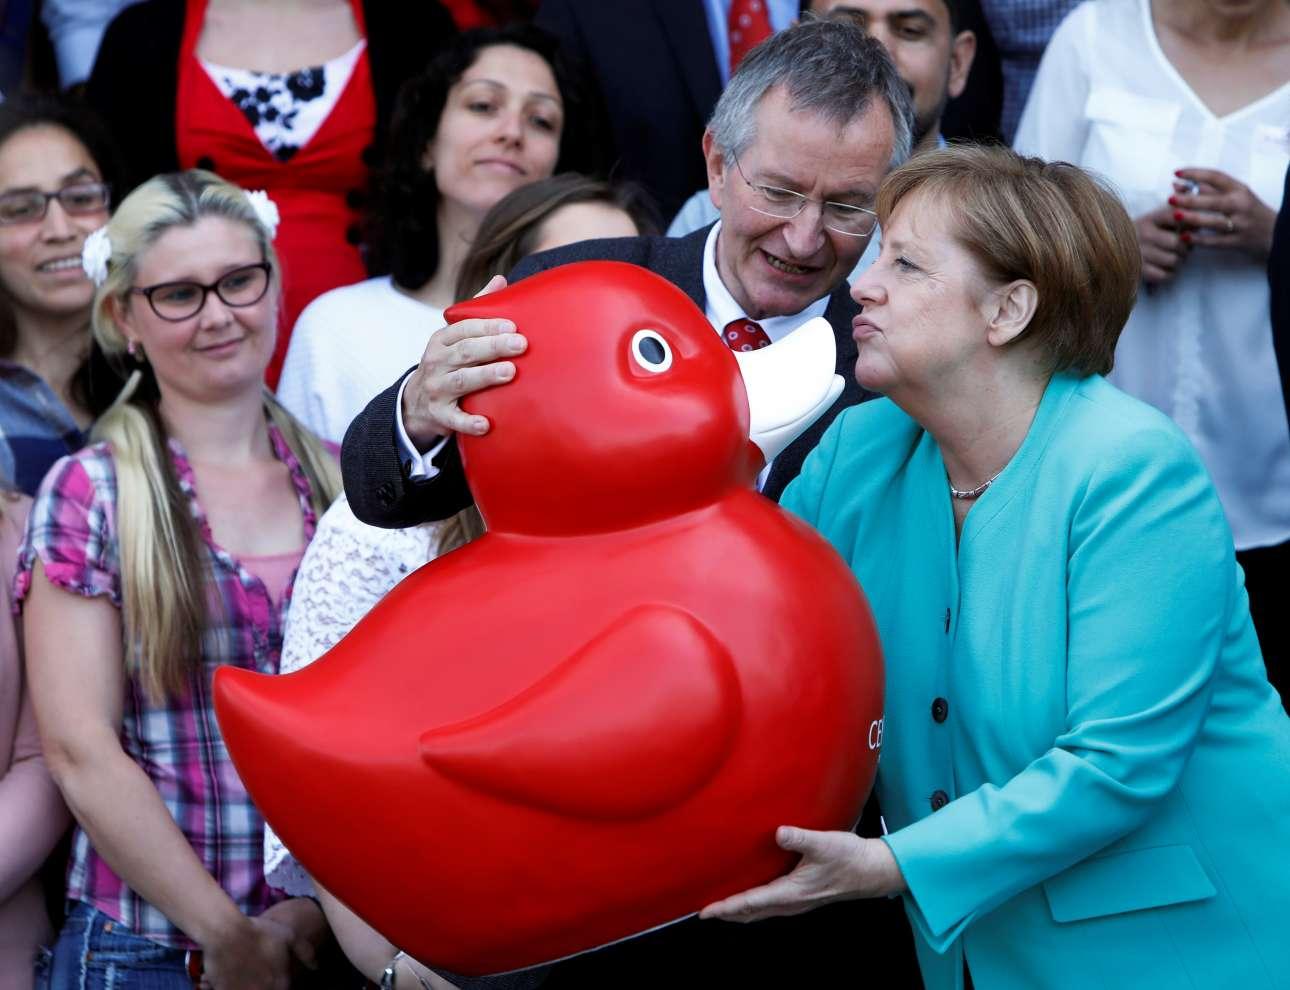 Η γερμανίδα καγκελάριος Άγκελα Μέρκελ μάλλον χάρηκε για το δώρο που της προσέφερε ο CEO της Centogene AG, Αρντ Ρολφς, κατά την επίσκεψή της στις εγκαταστάσεις της εταιρείας στο Ροστόκ της Γερμανίας